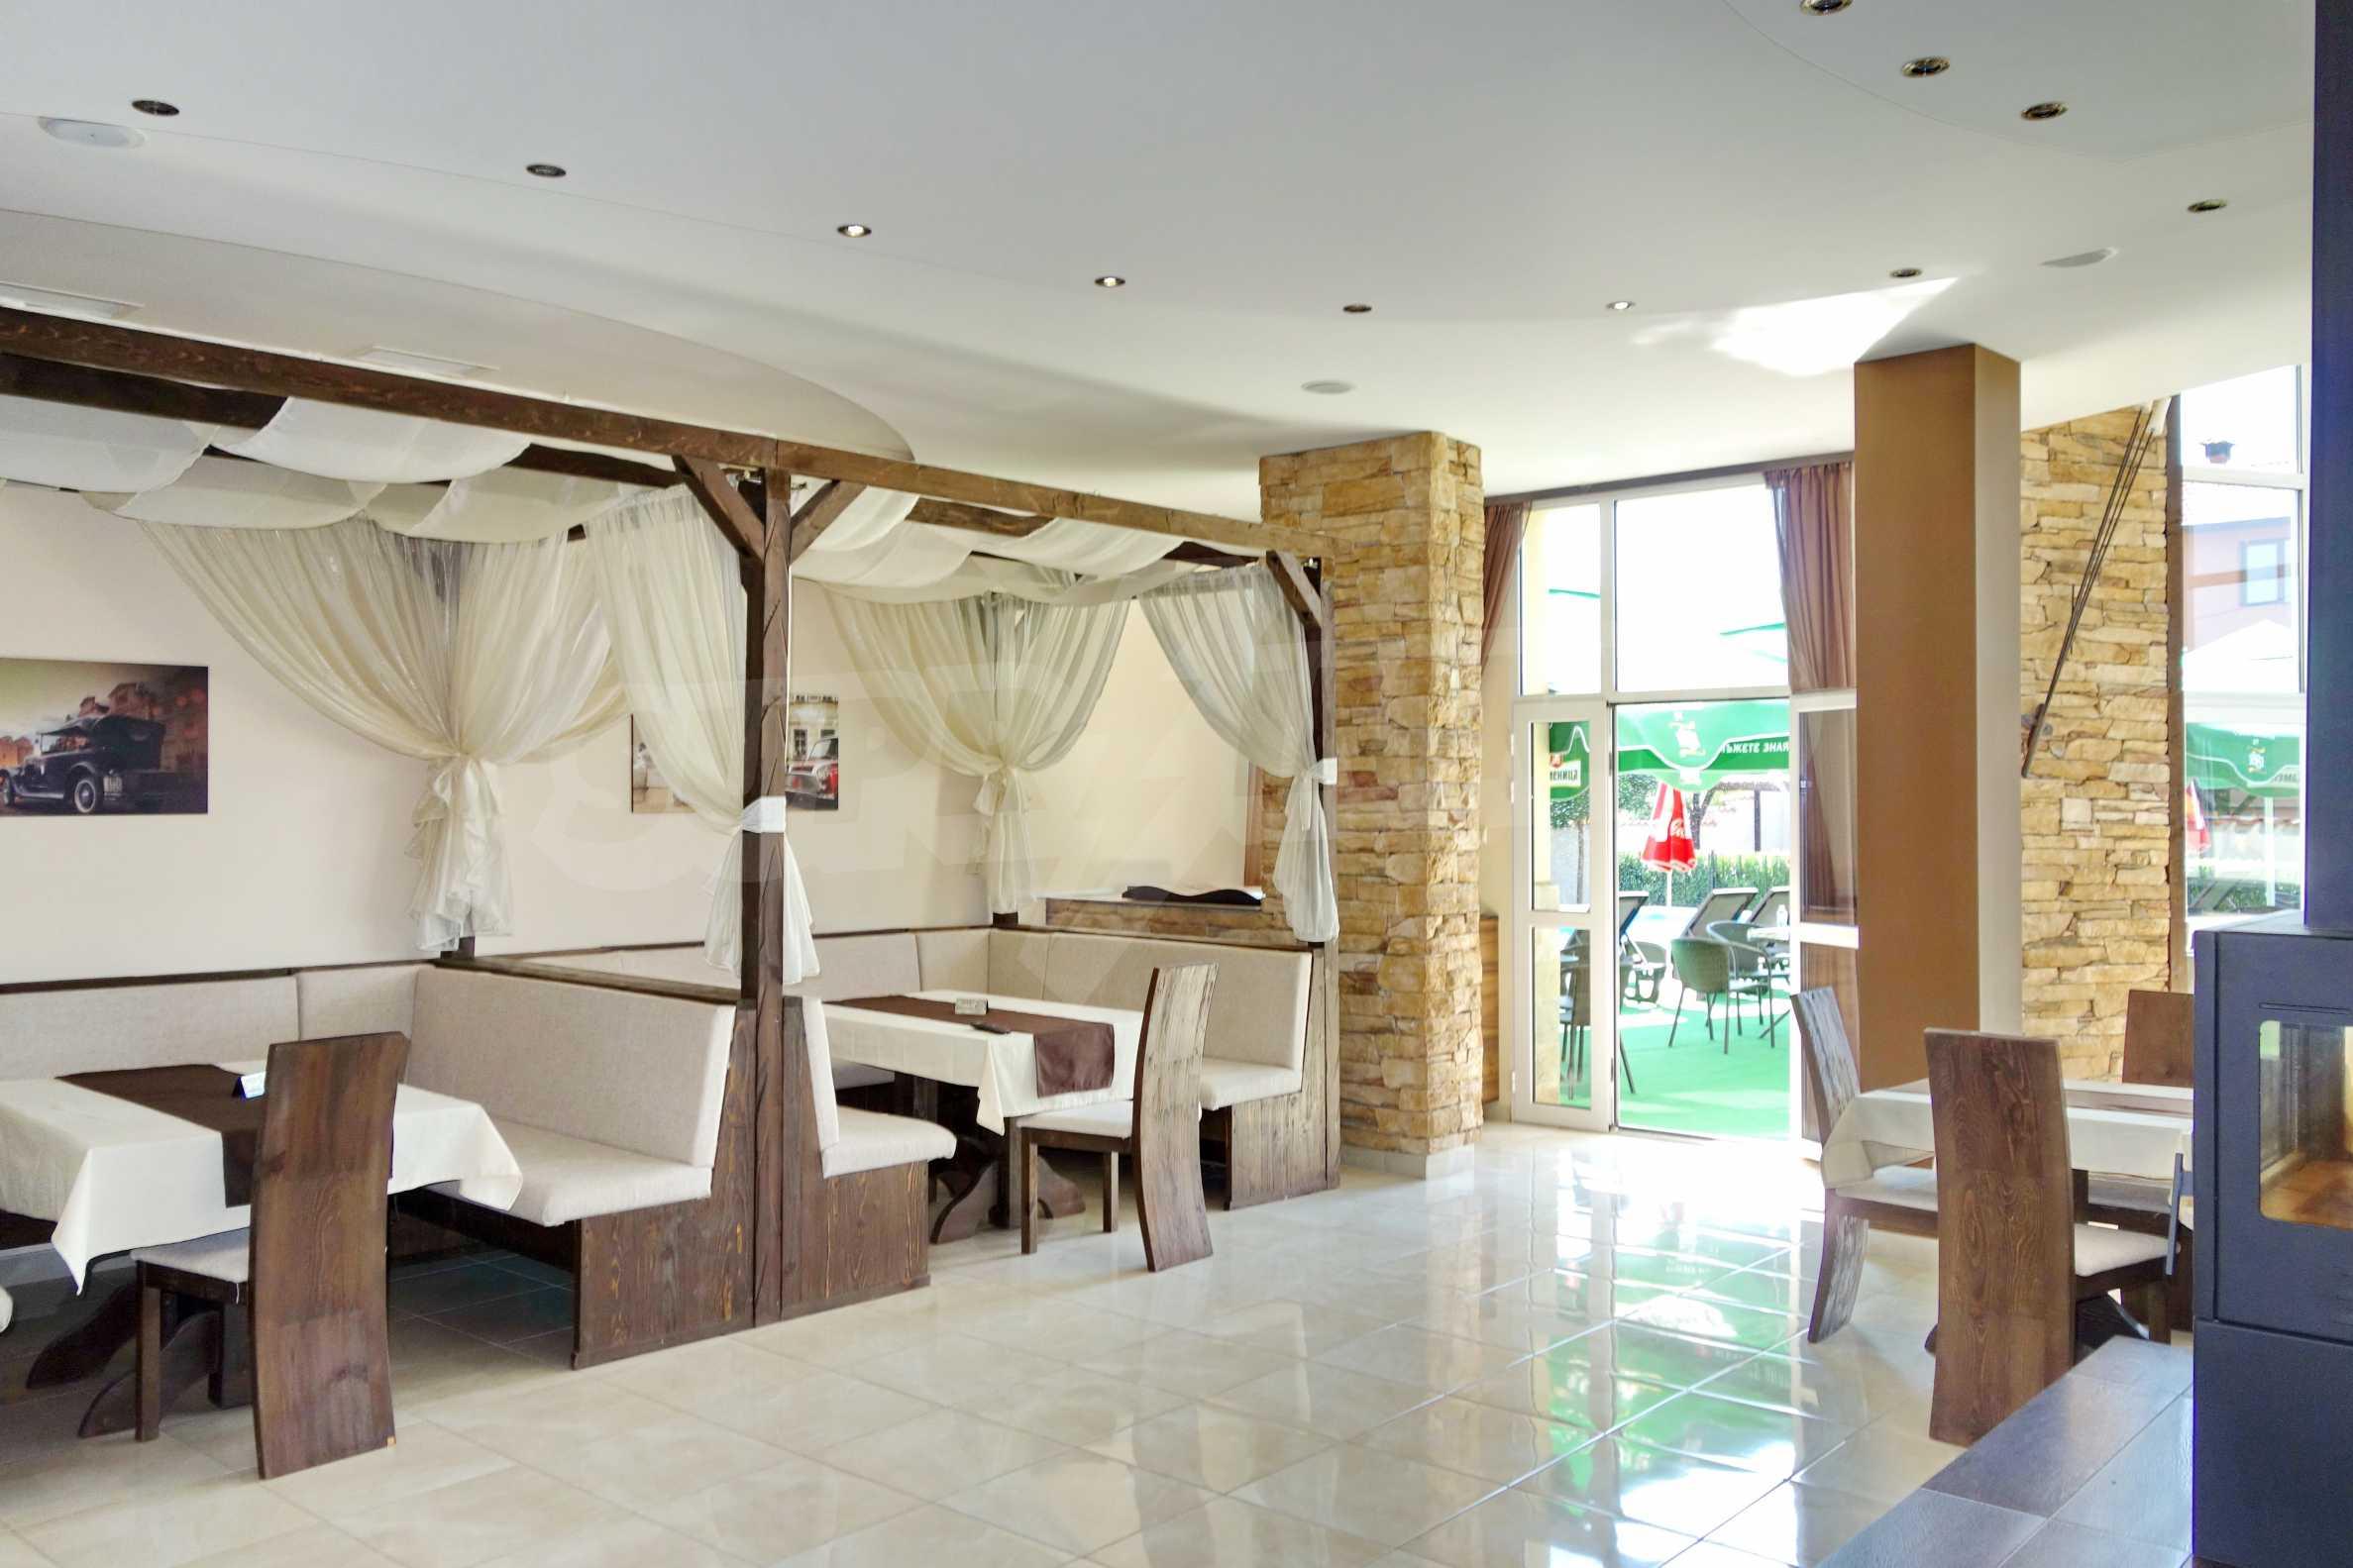 Луксозен спа хотел в центъра на гр. Елин Пелин 18